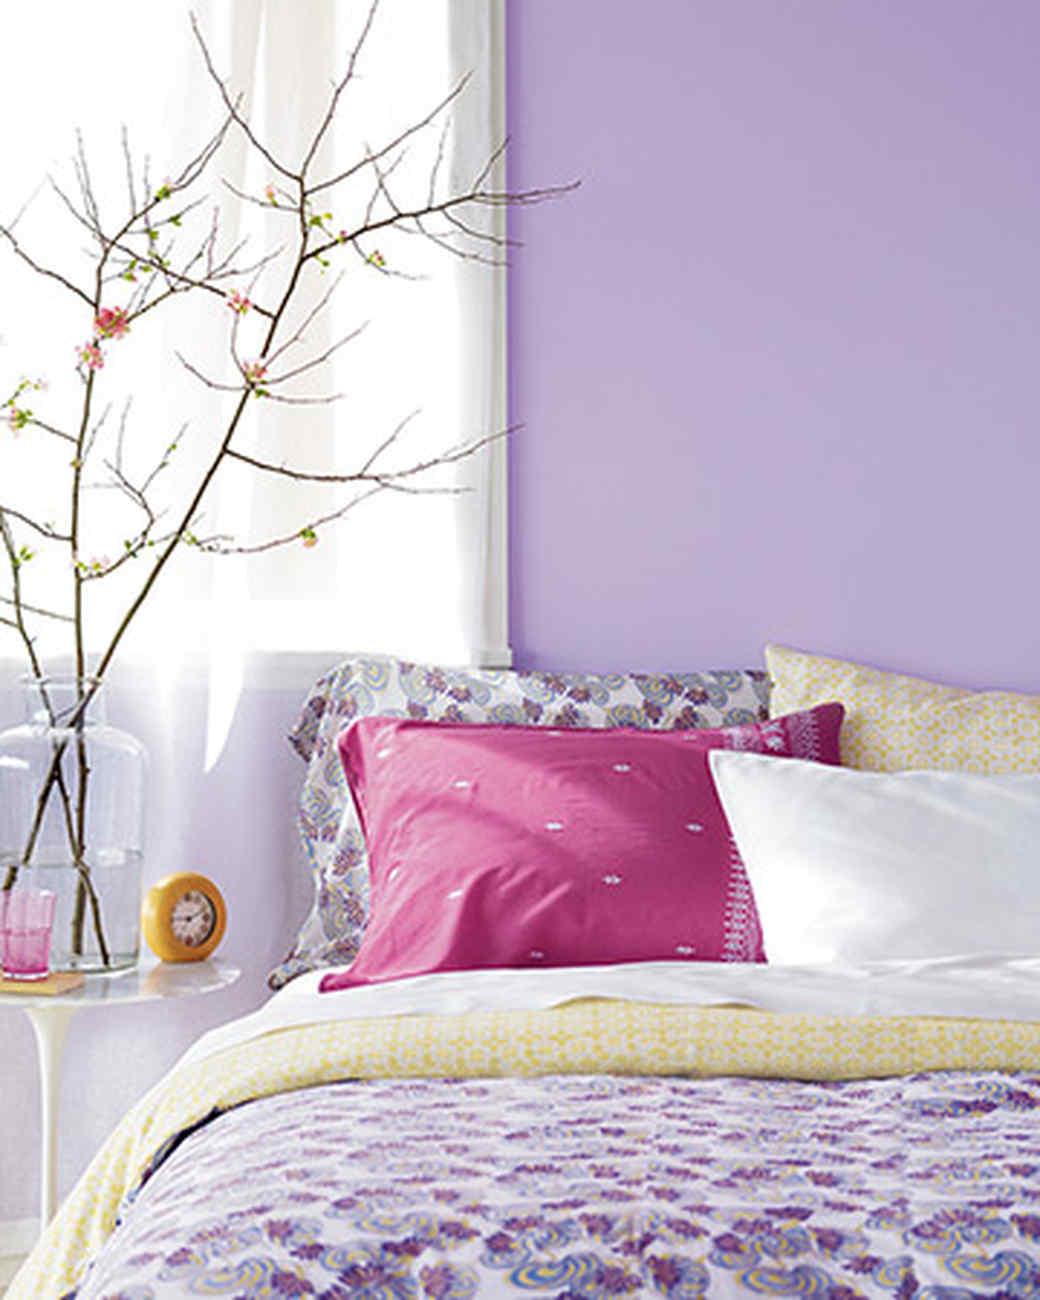 bd103848_0508_bedroom.jpg